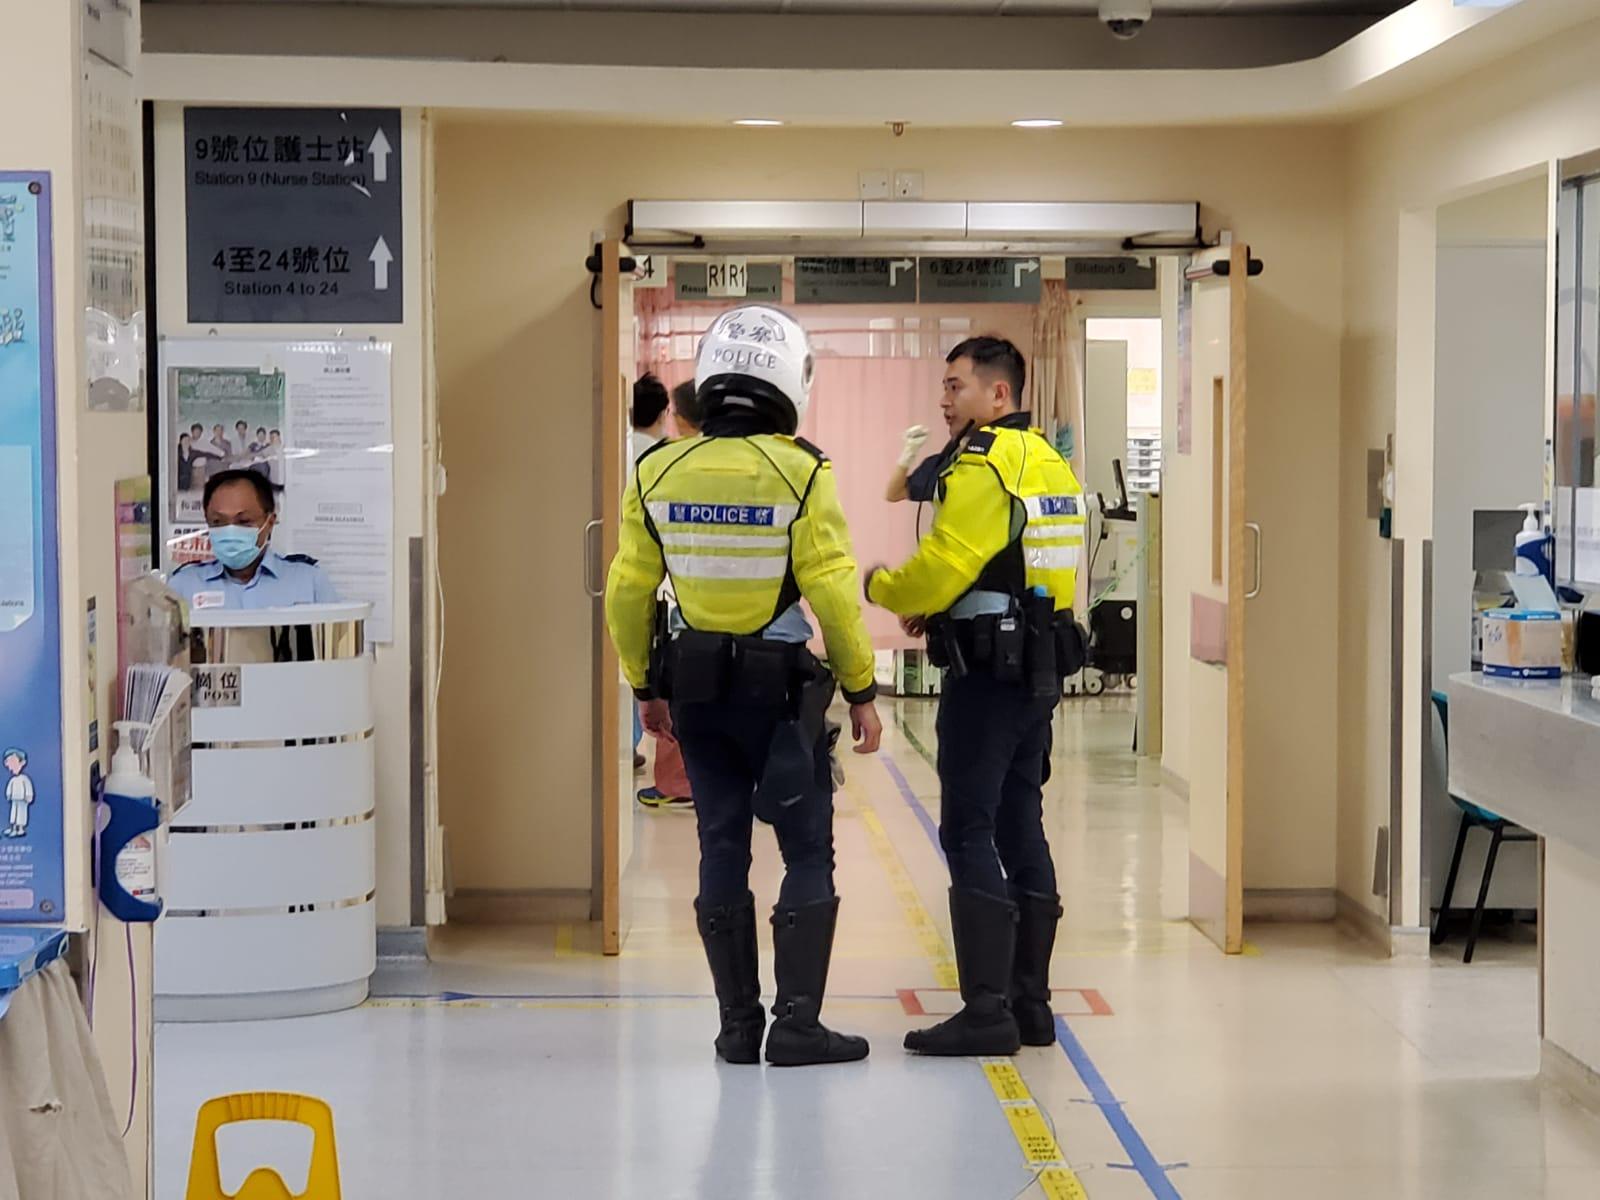 【大三罢】警员西湾河站外连开3枪 2青年受伤送院(有片)